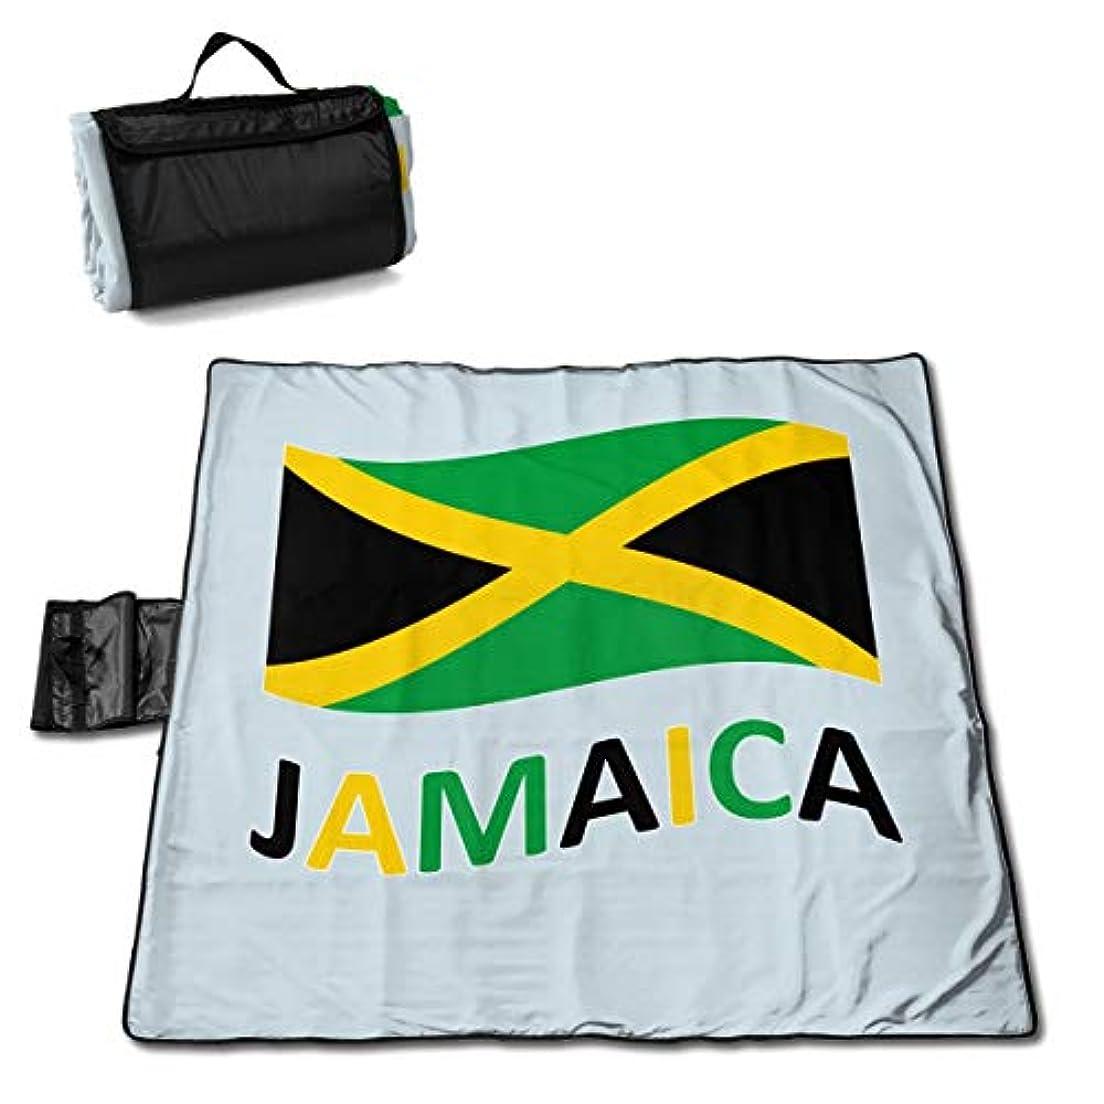 許す甘くする英語の授業がありますジャマイカの国旗 ピクニックマット レジャーシート ファミリー レジャーマット 防水 防潮 マット 折り畳み 持ち運び便利 四季適用び おしゃれ花火大会 運動会 遠足 キャンプ 145×150cm